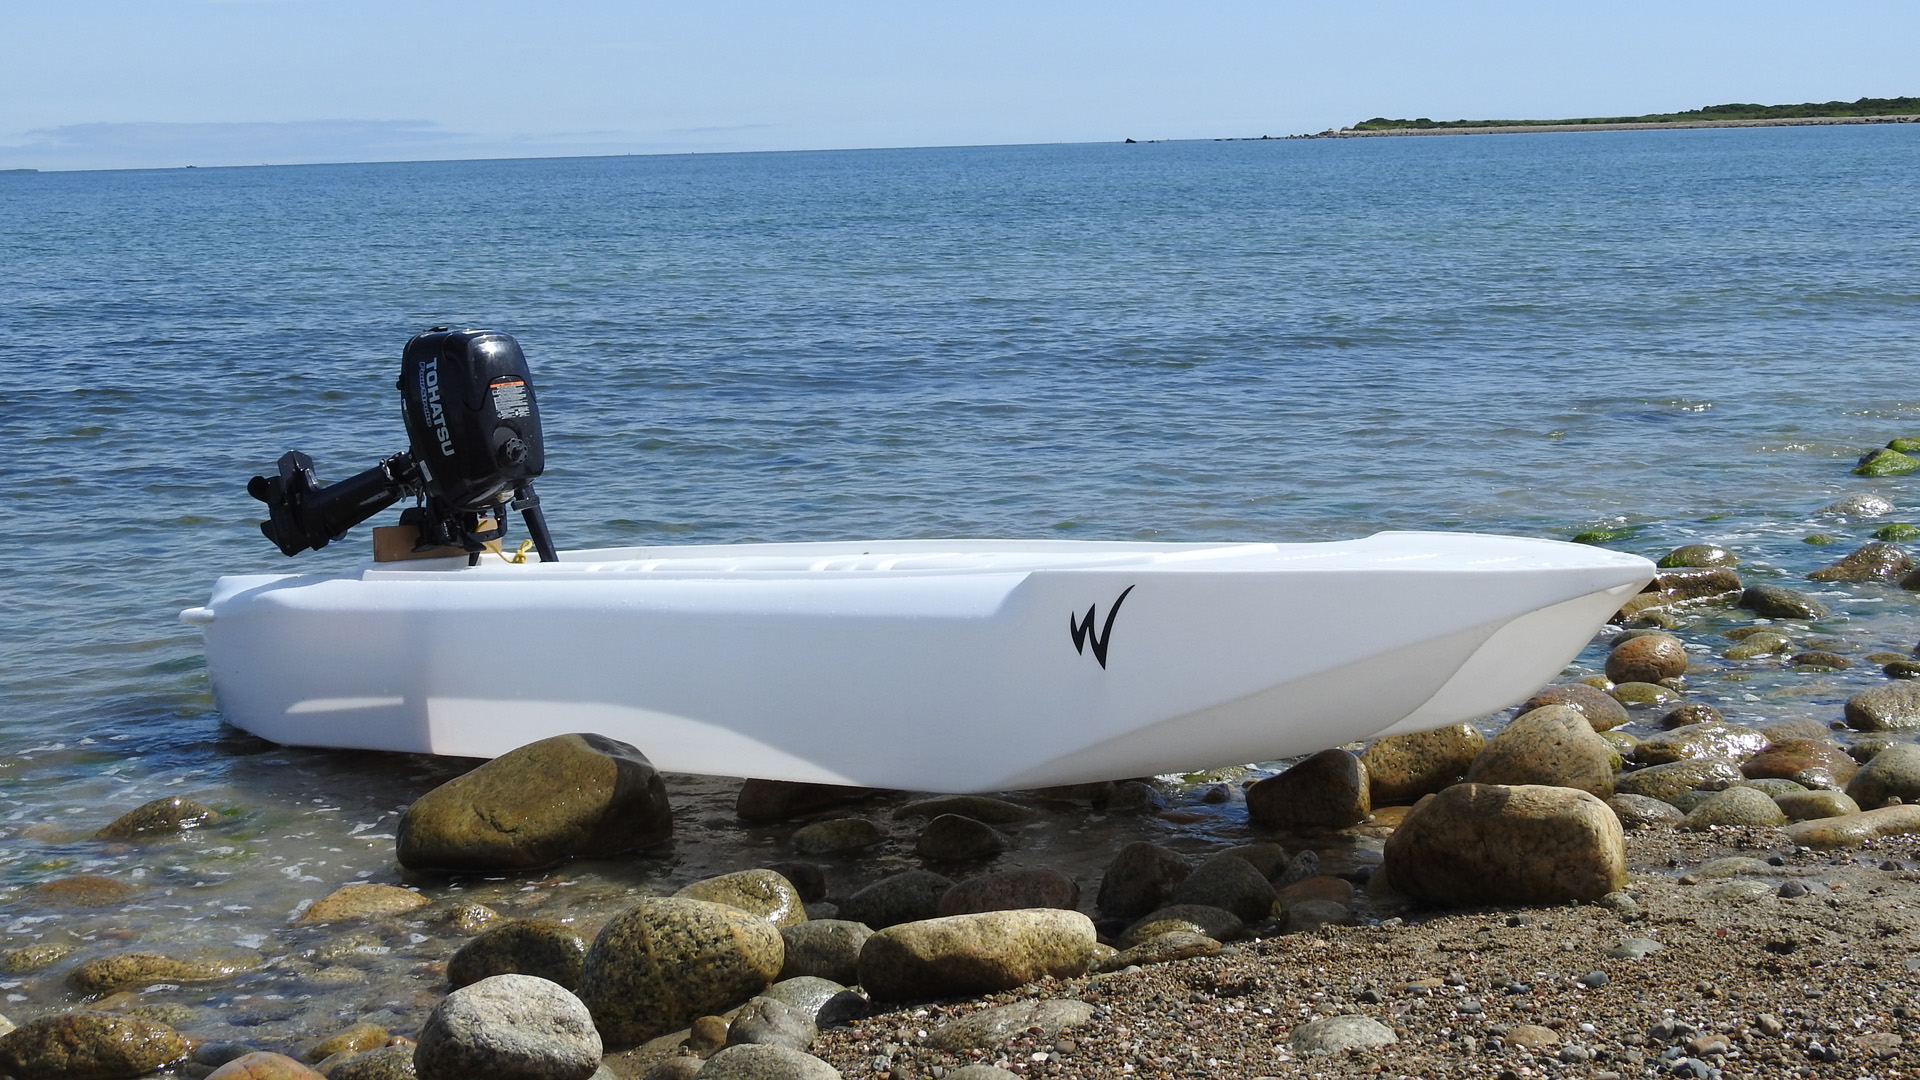 S4 skiff, Massachusetts